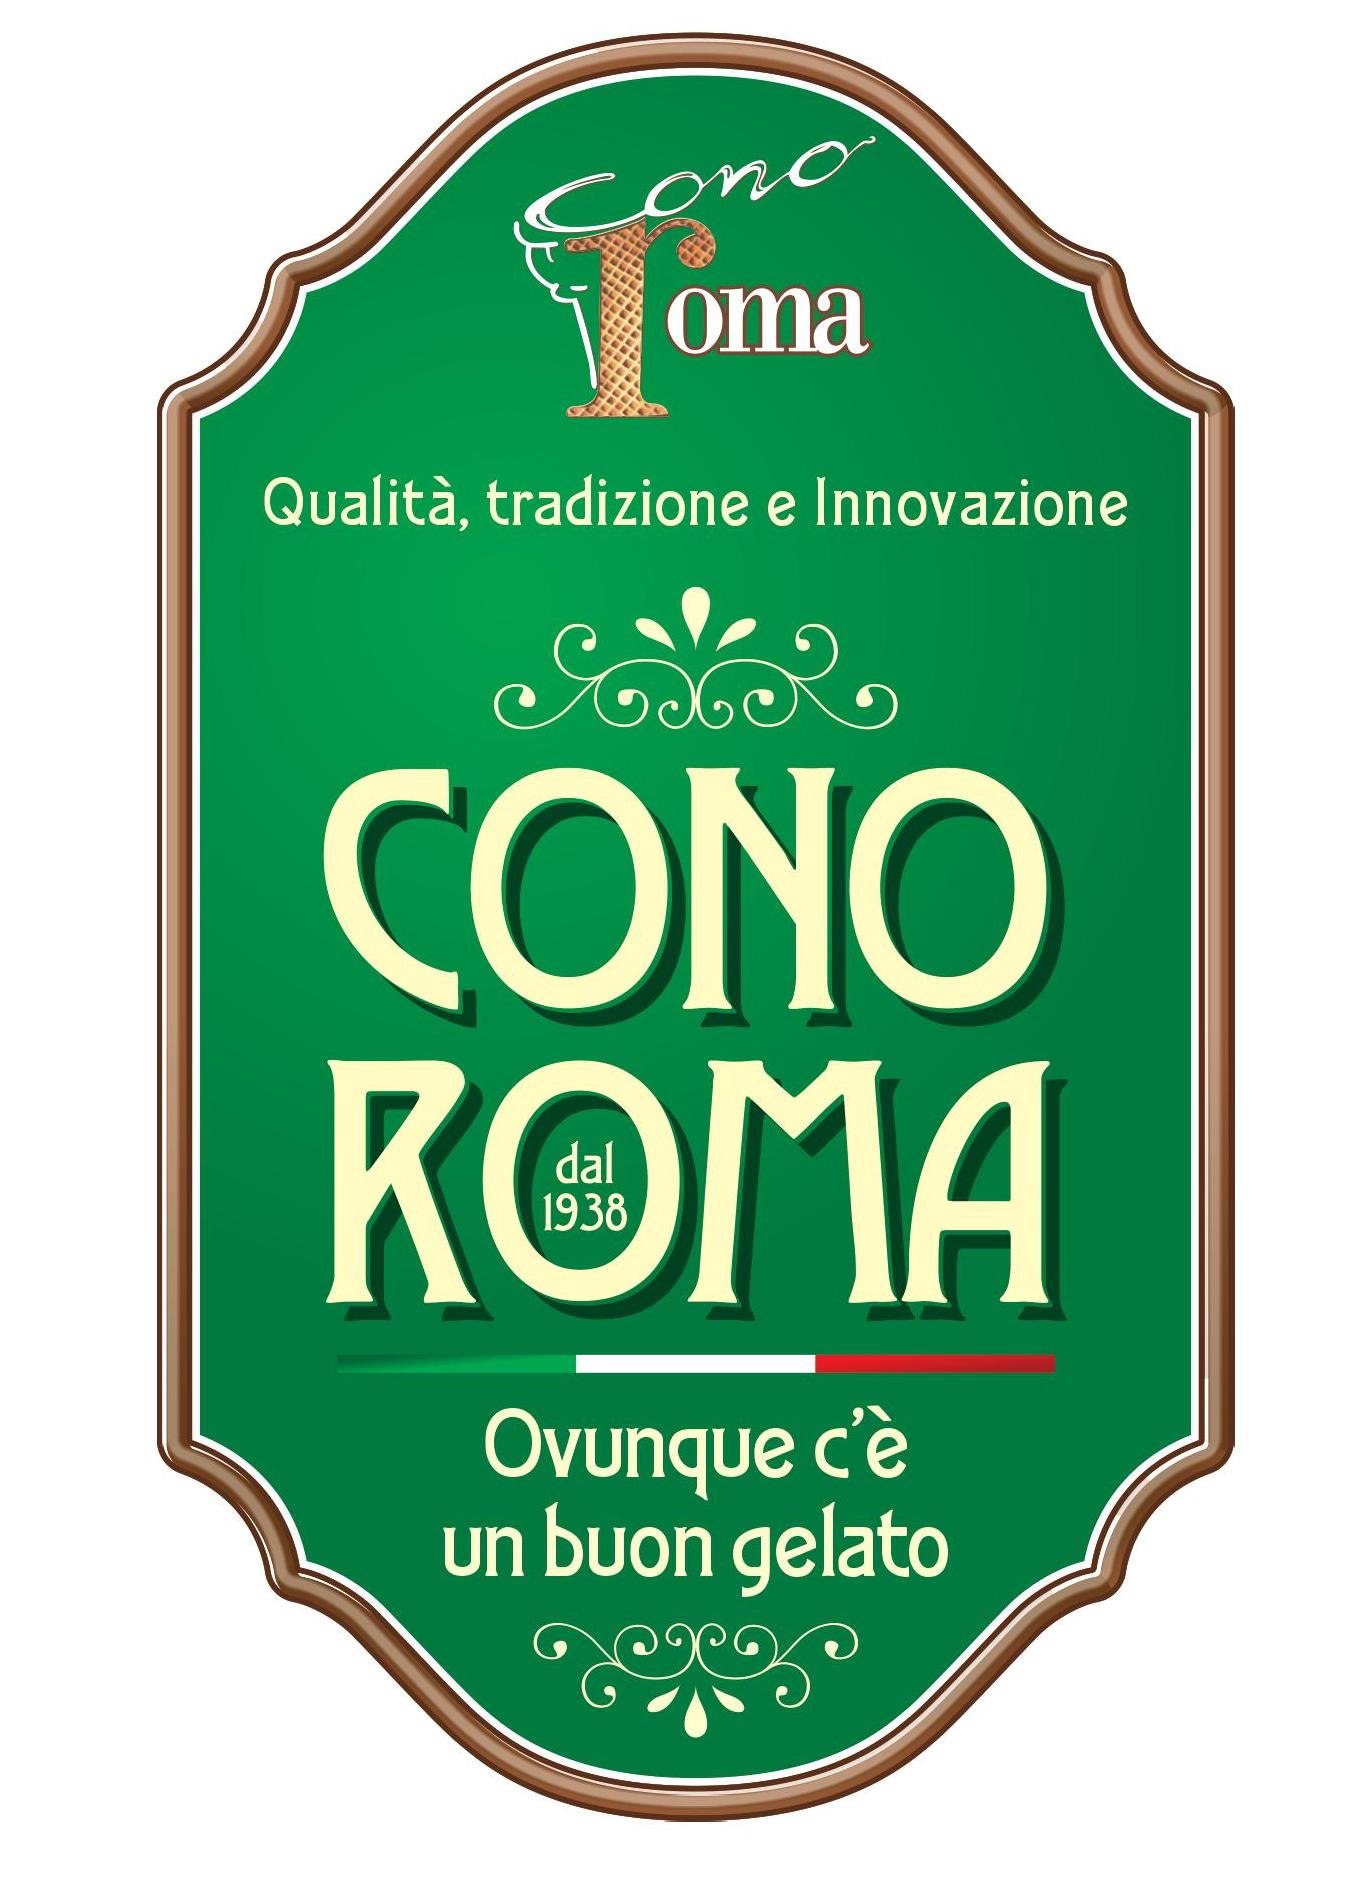 CONO ROMA